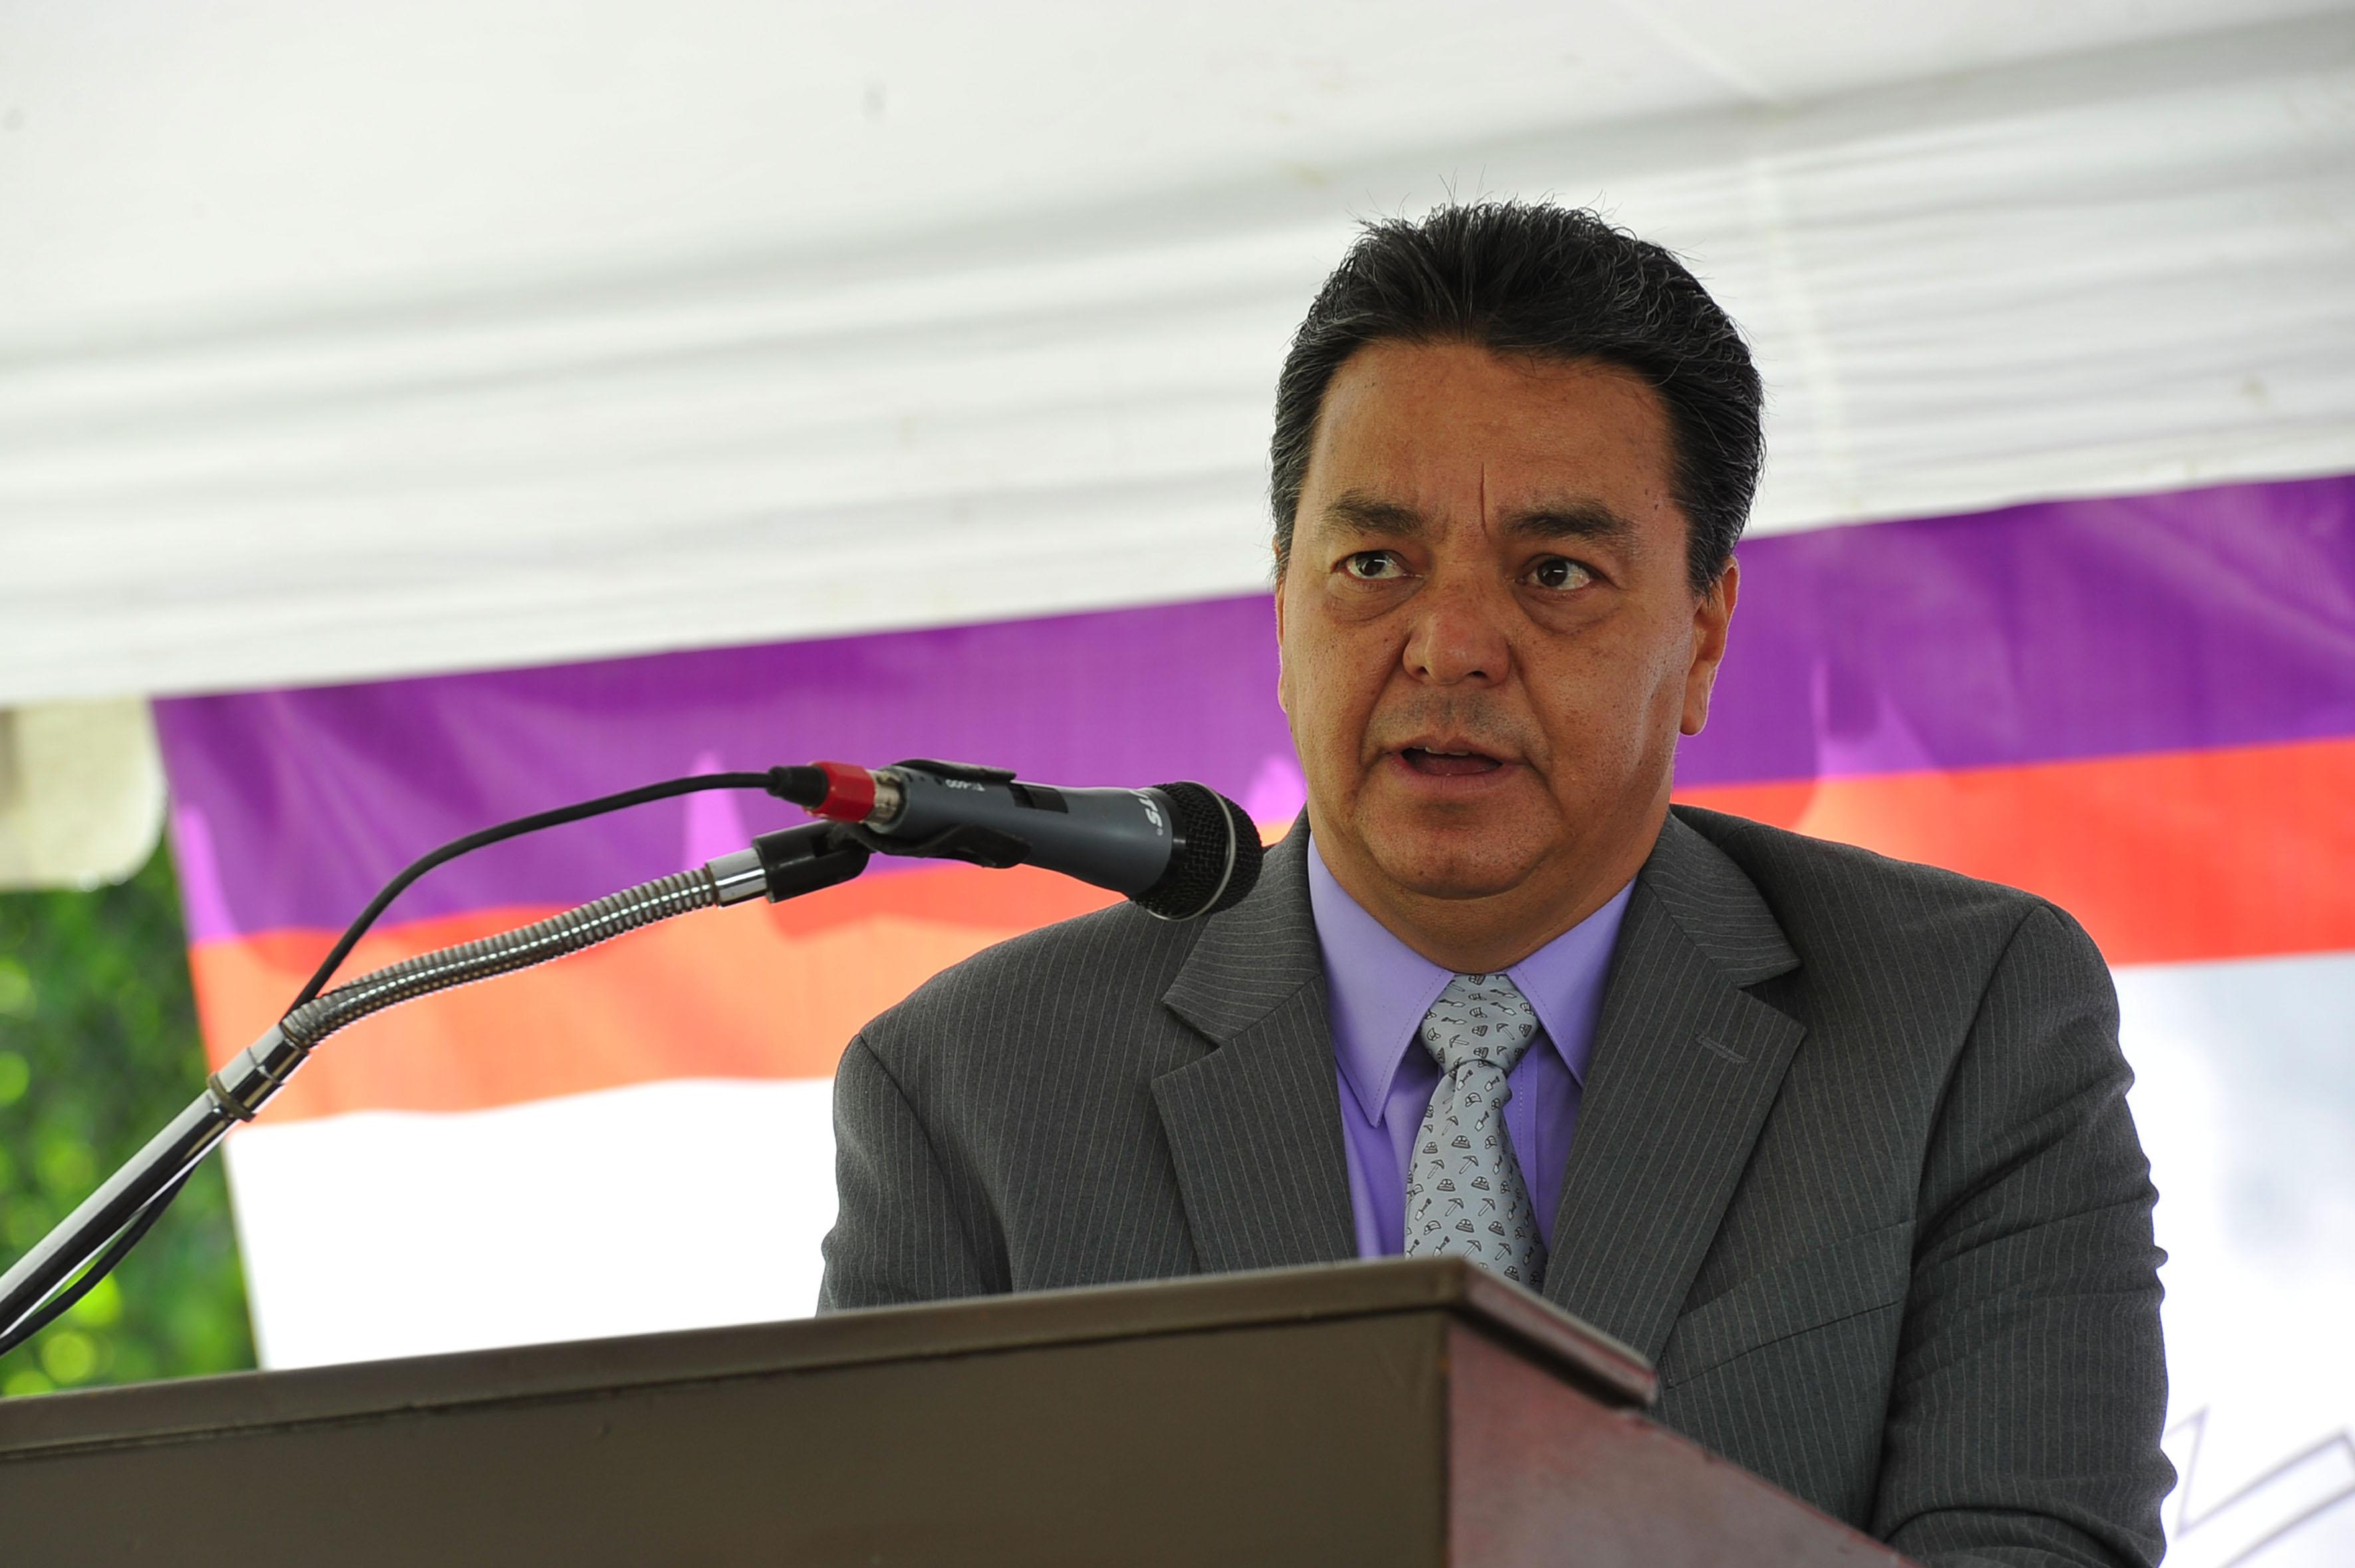 Maestro Rolando Castillo Murillo, director de la preparatoria Politécnica, con micrófono en podium haciendo uso de la palabra.